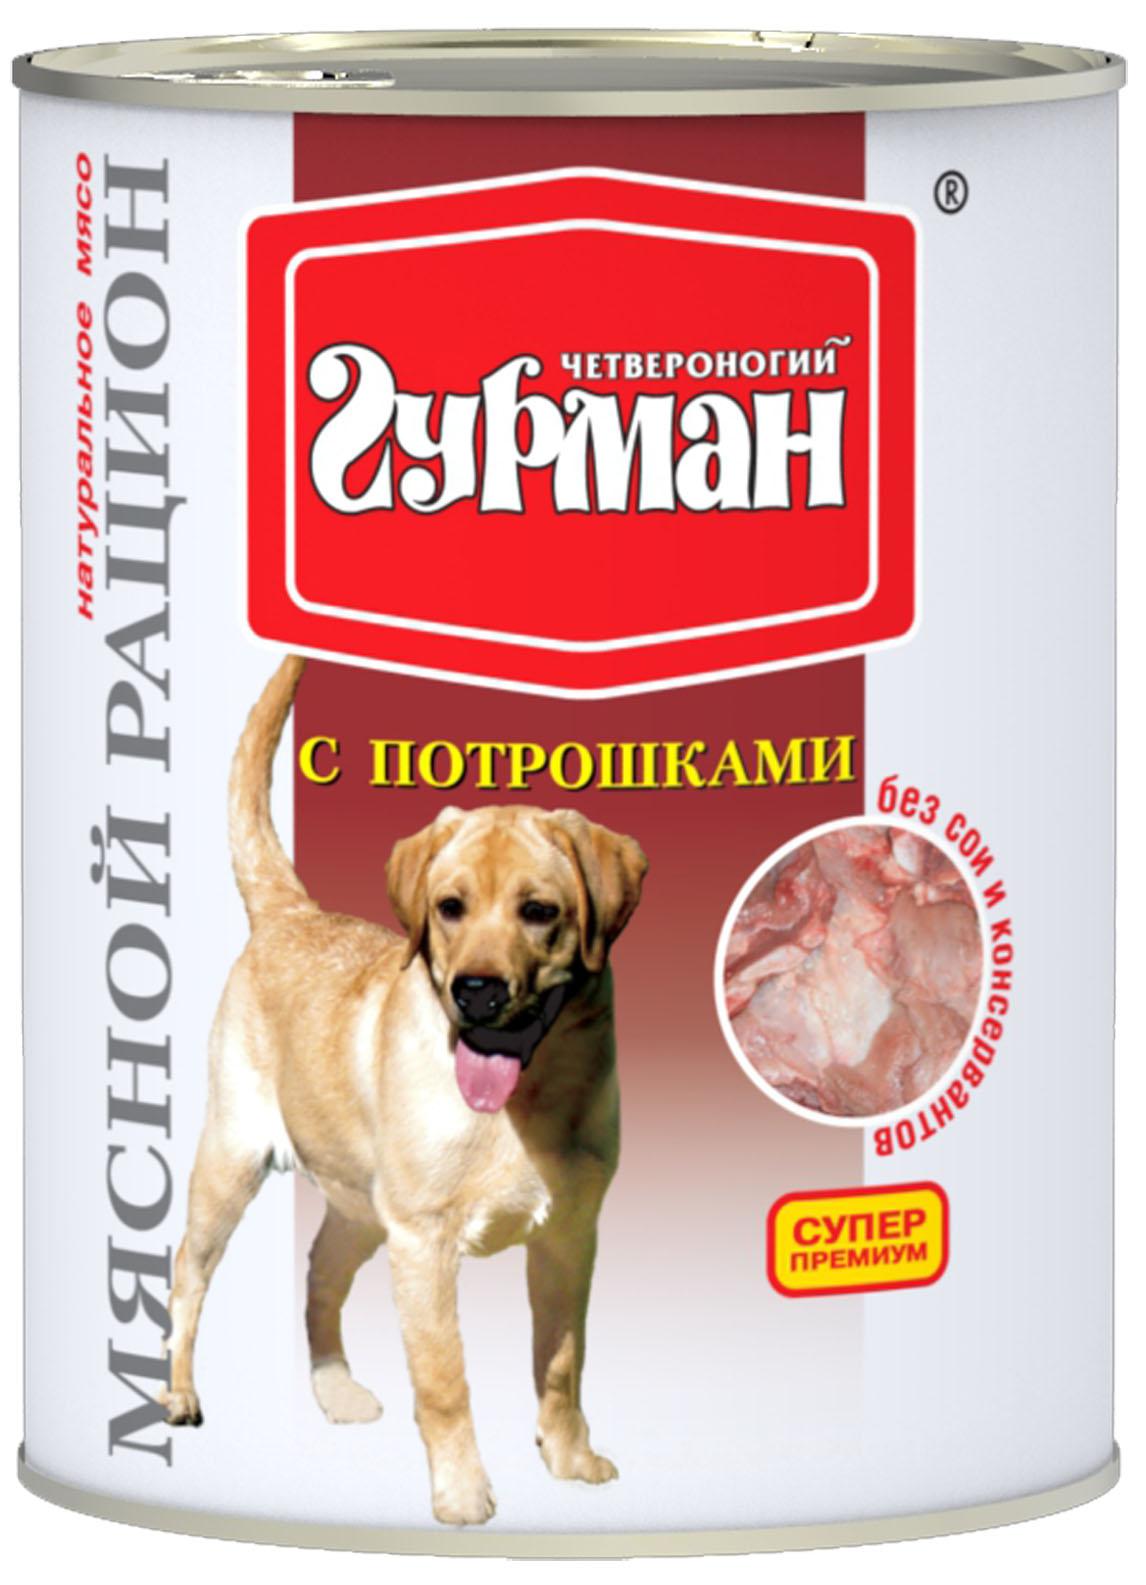 Консервы для собак Четвероногий Гурман Мясной рацион, с потрошками, 850 г18446Консервы Четвероногий Гурман Мясной рацион - влажные мясные консервы суперпремиум класса для собак. Изготовлены из мяса и субпродуктов, дополнительно содержат желирующую добавку, растительное масло и незначительное количество соли. Корм отличается крупной степенью измельченности, что повышает его привлекательность для собак крупных пород.Корм производится по новейшей технологии на современном оборудовании, что позволяет строго следить за его качеством. Специальная щадящая технология обработки компонентов позволяет сохранить максимальное количество витаминов, микроэлементов и питательных веществ, необходимых любой собаке.Корм производится из высококачественного натурального мяса, без добавления сои, ароматизаторов и красителей, имеет отличный вкус и привлекательный аромат. Такие консервы вы можете давать собаке как отдельно, так и смешивая их с кашей или овощами. Консервы Четвероногий Гурман Мясной рацион - прекрасное и вкусное дополнение к рациону вашего любимца. Состав: рубец, желудок, сердце, легкое, коллагенсодержащее сырье, курица, печень, животный белок, растительное масло, клетчатка, вода, желирующая добавка.Пищевая ценность (в 100 г продукта): протеин 12 г, жир 10 г, влага 80 г, зола 2 г, клетчатка 0,5 г. Энергетическая ценность (на 100 г): 138 ккал.Вес: 850 г. Товар сертифицирован. УВАЖАЕМЫЕ КЛИЕНТЫ! Обращаем ваше внимание на возможные изменения в дизайне упаковки. Качественные характеристики товара и его размеры остаются неизменными. Поставка осуществляется в зависимости от наличия на складе.